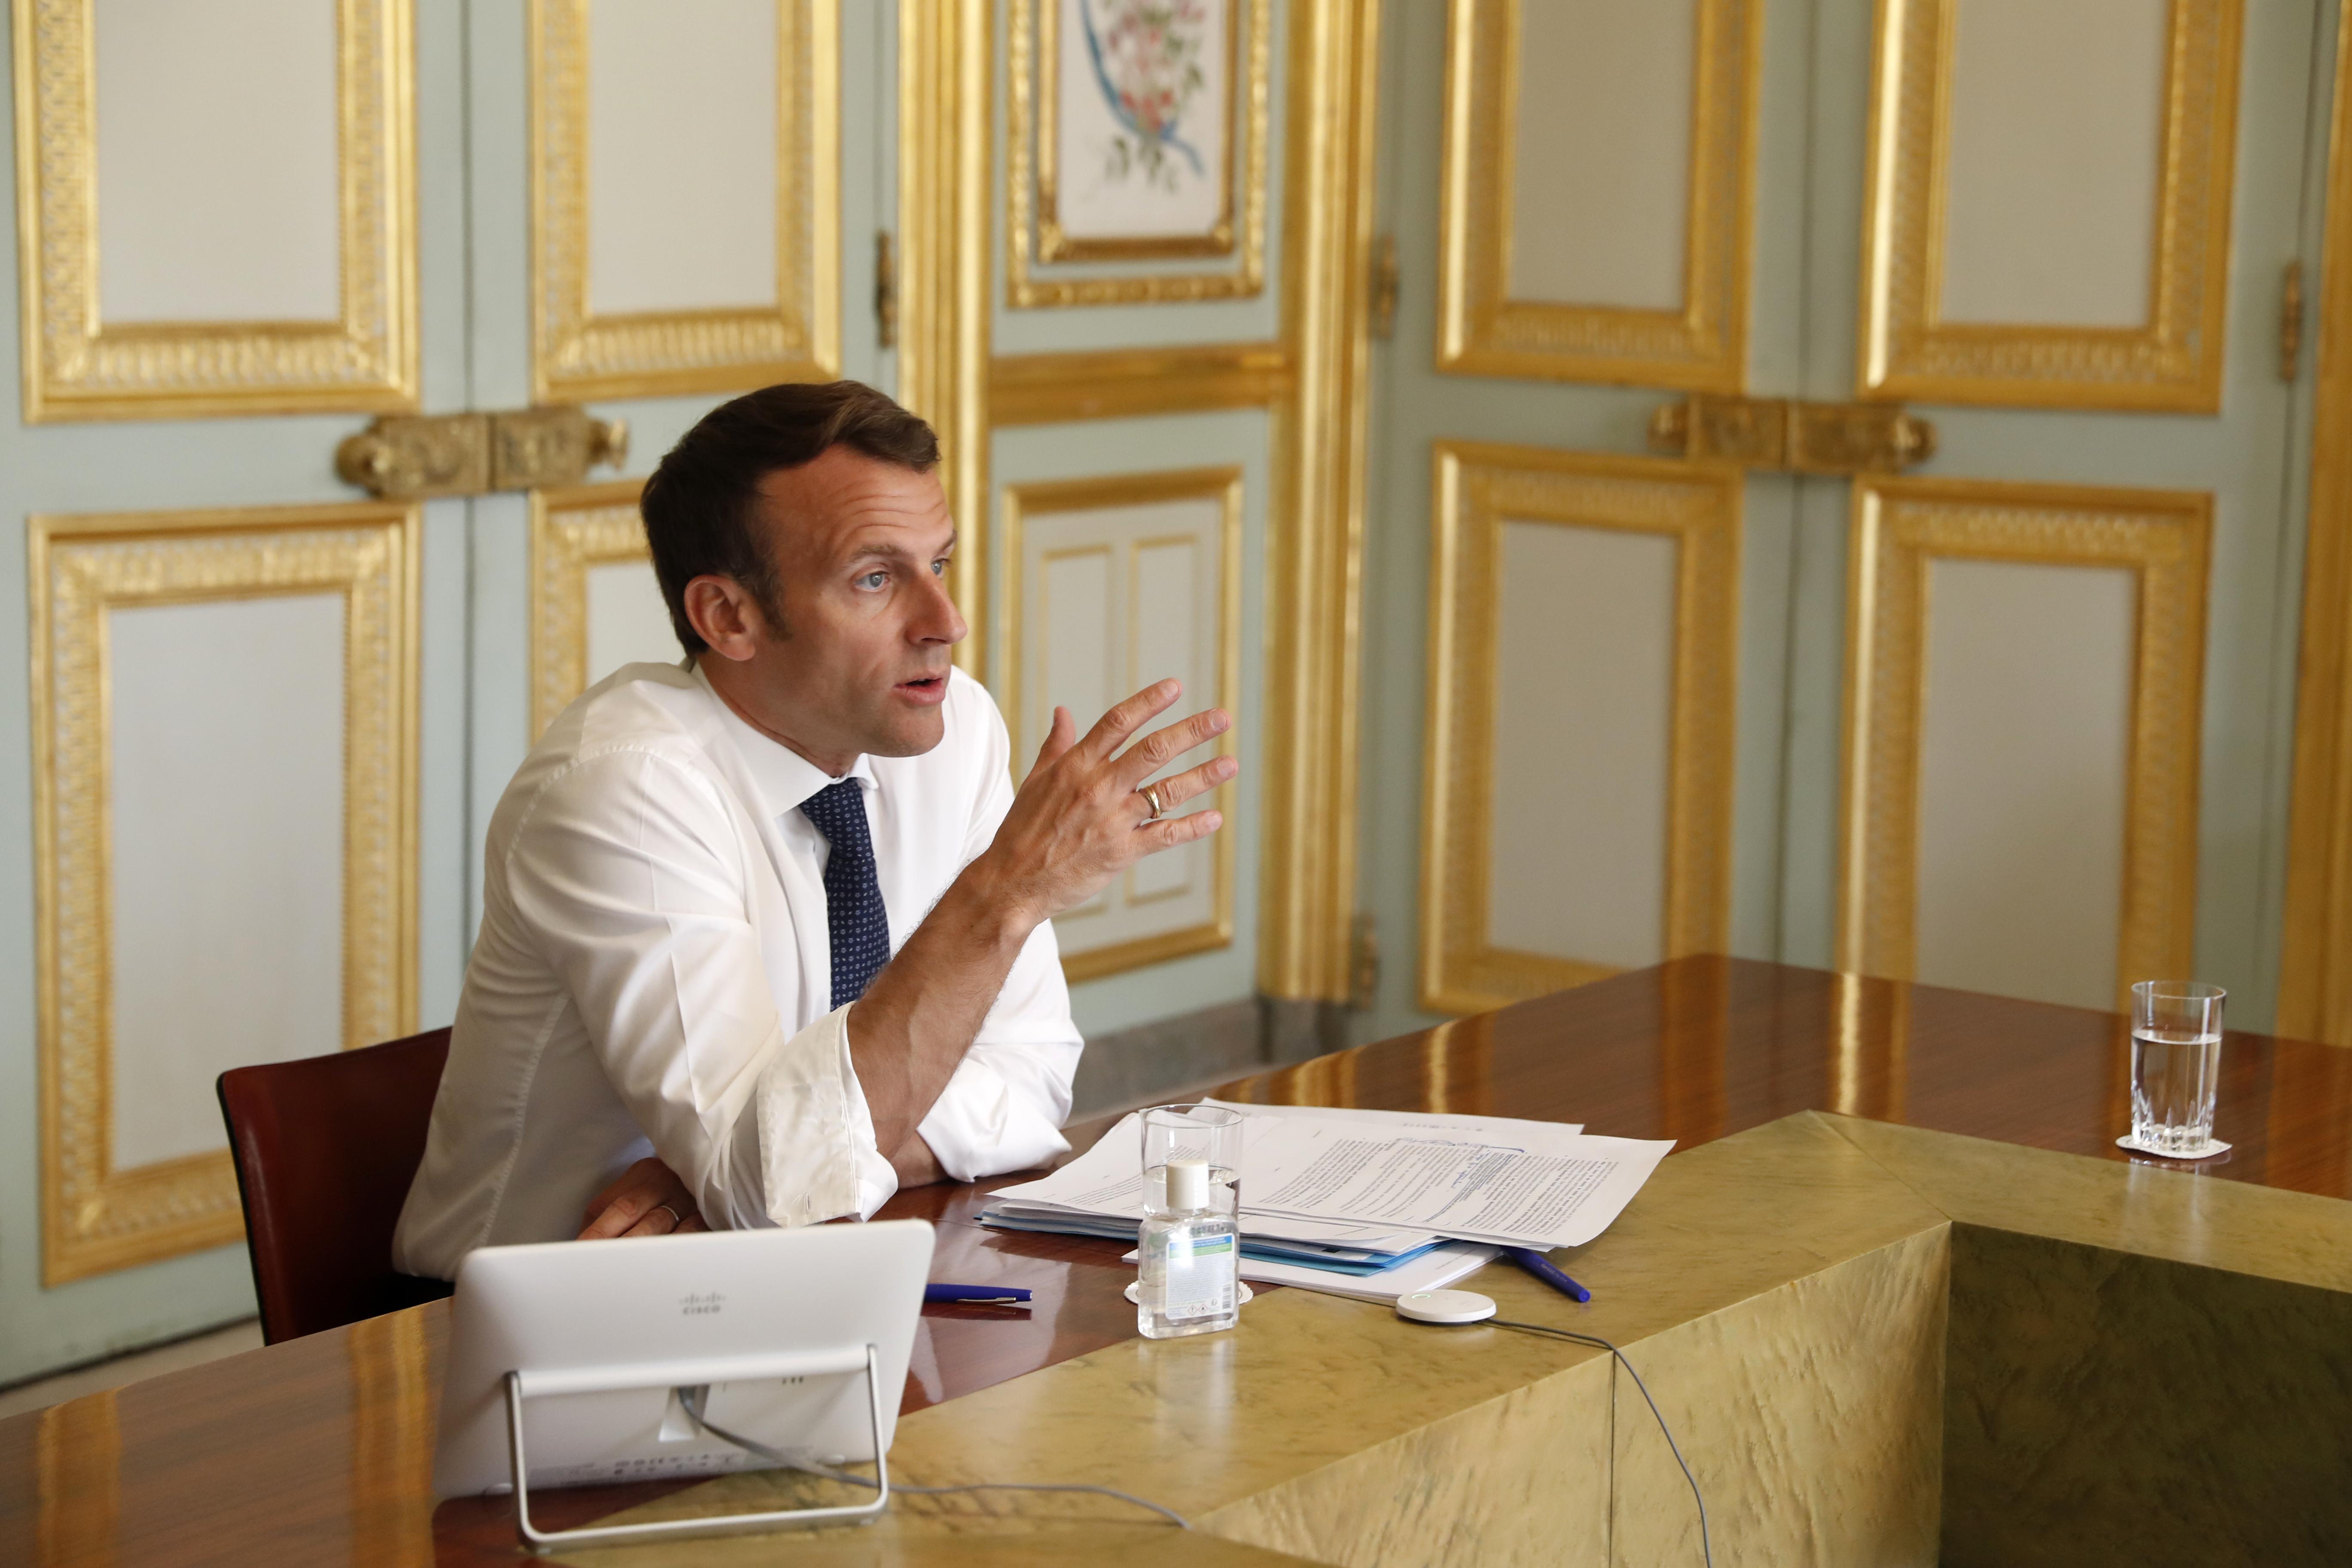 Macron rasszizmus elleni fellépést ígért, de Franciaországban nem lesz szobordöntögetés